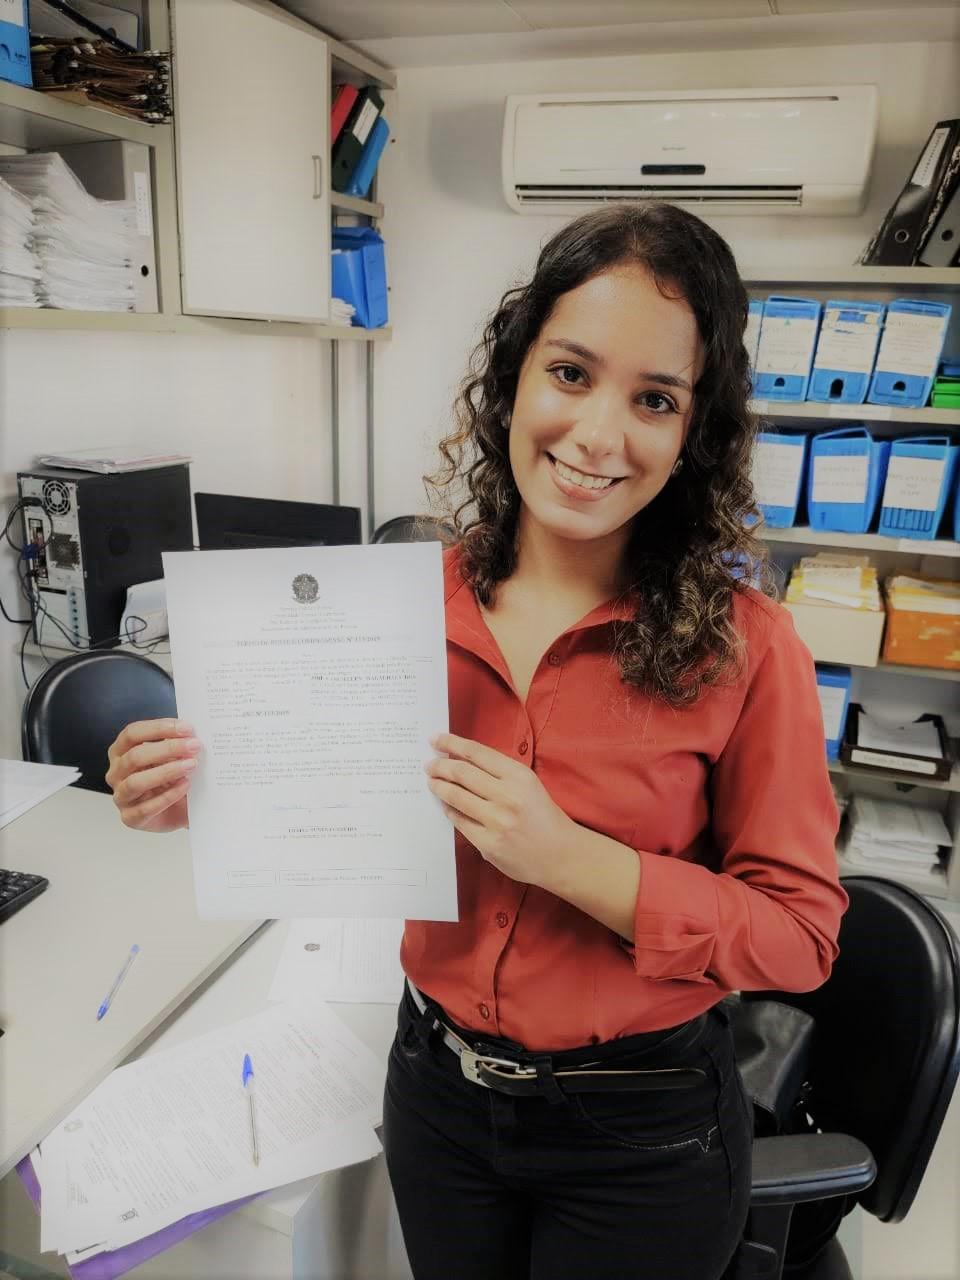 ENTREVISTA: Franciellen Magalhães - Aprovada em 5ª lugar no concurso da Universidade Federal Fluminense para o cargo de Assistente Administrativo